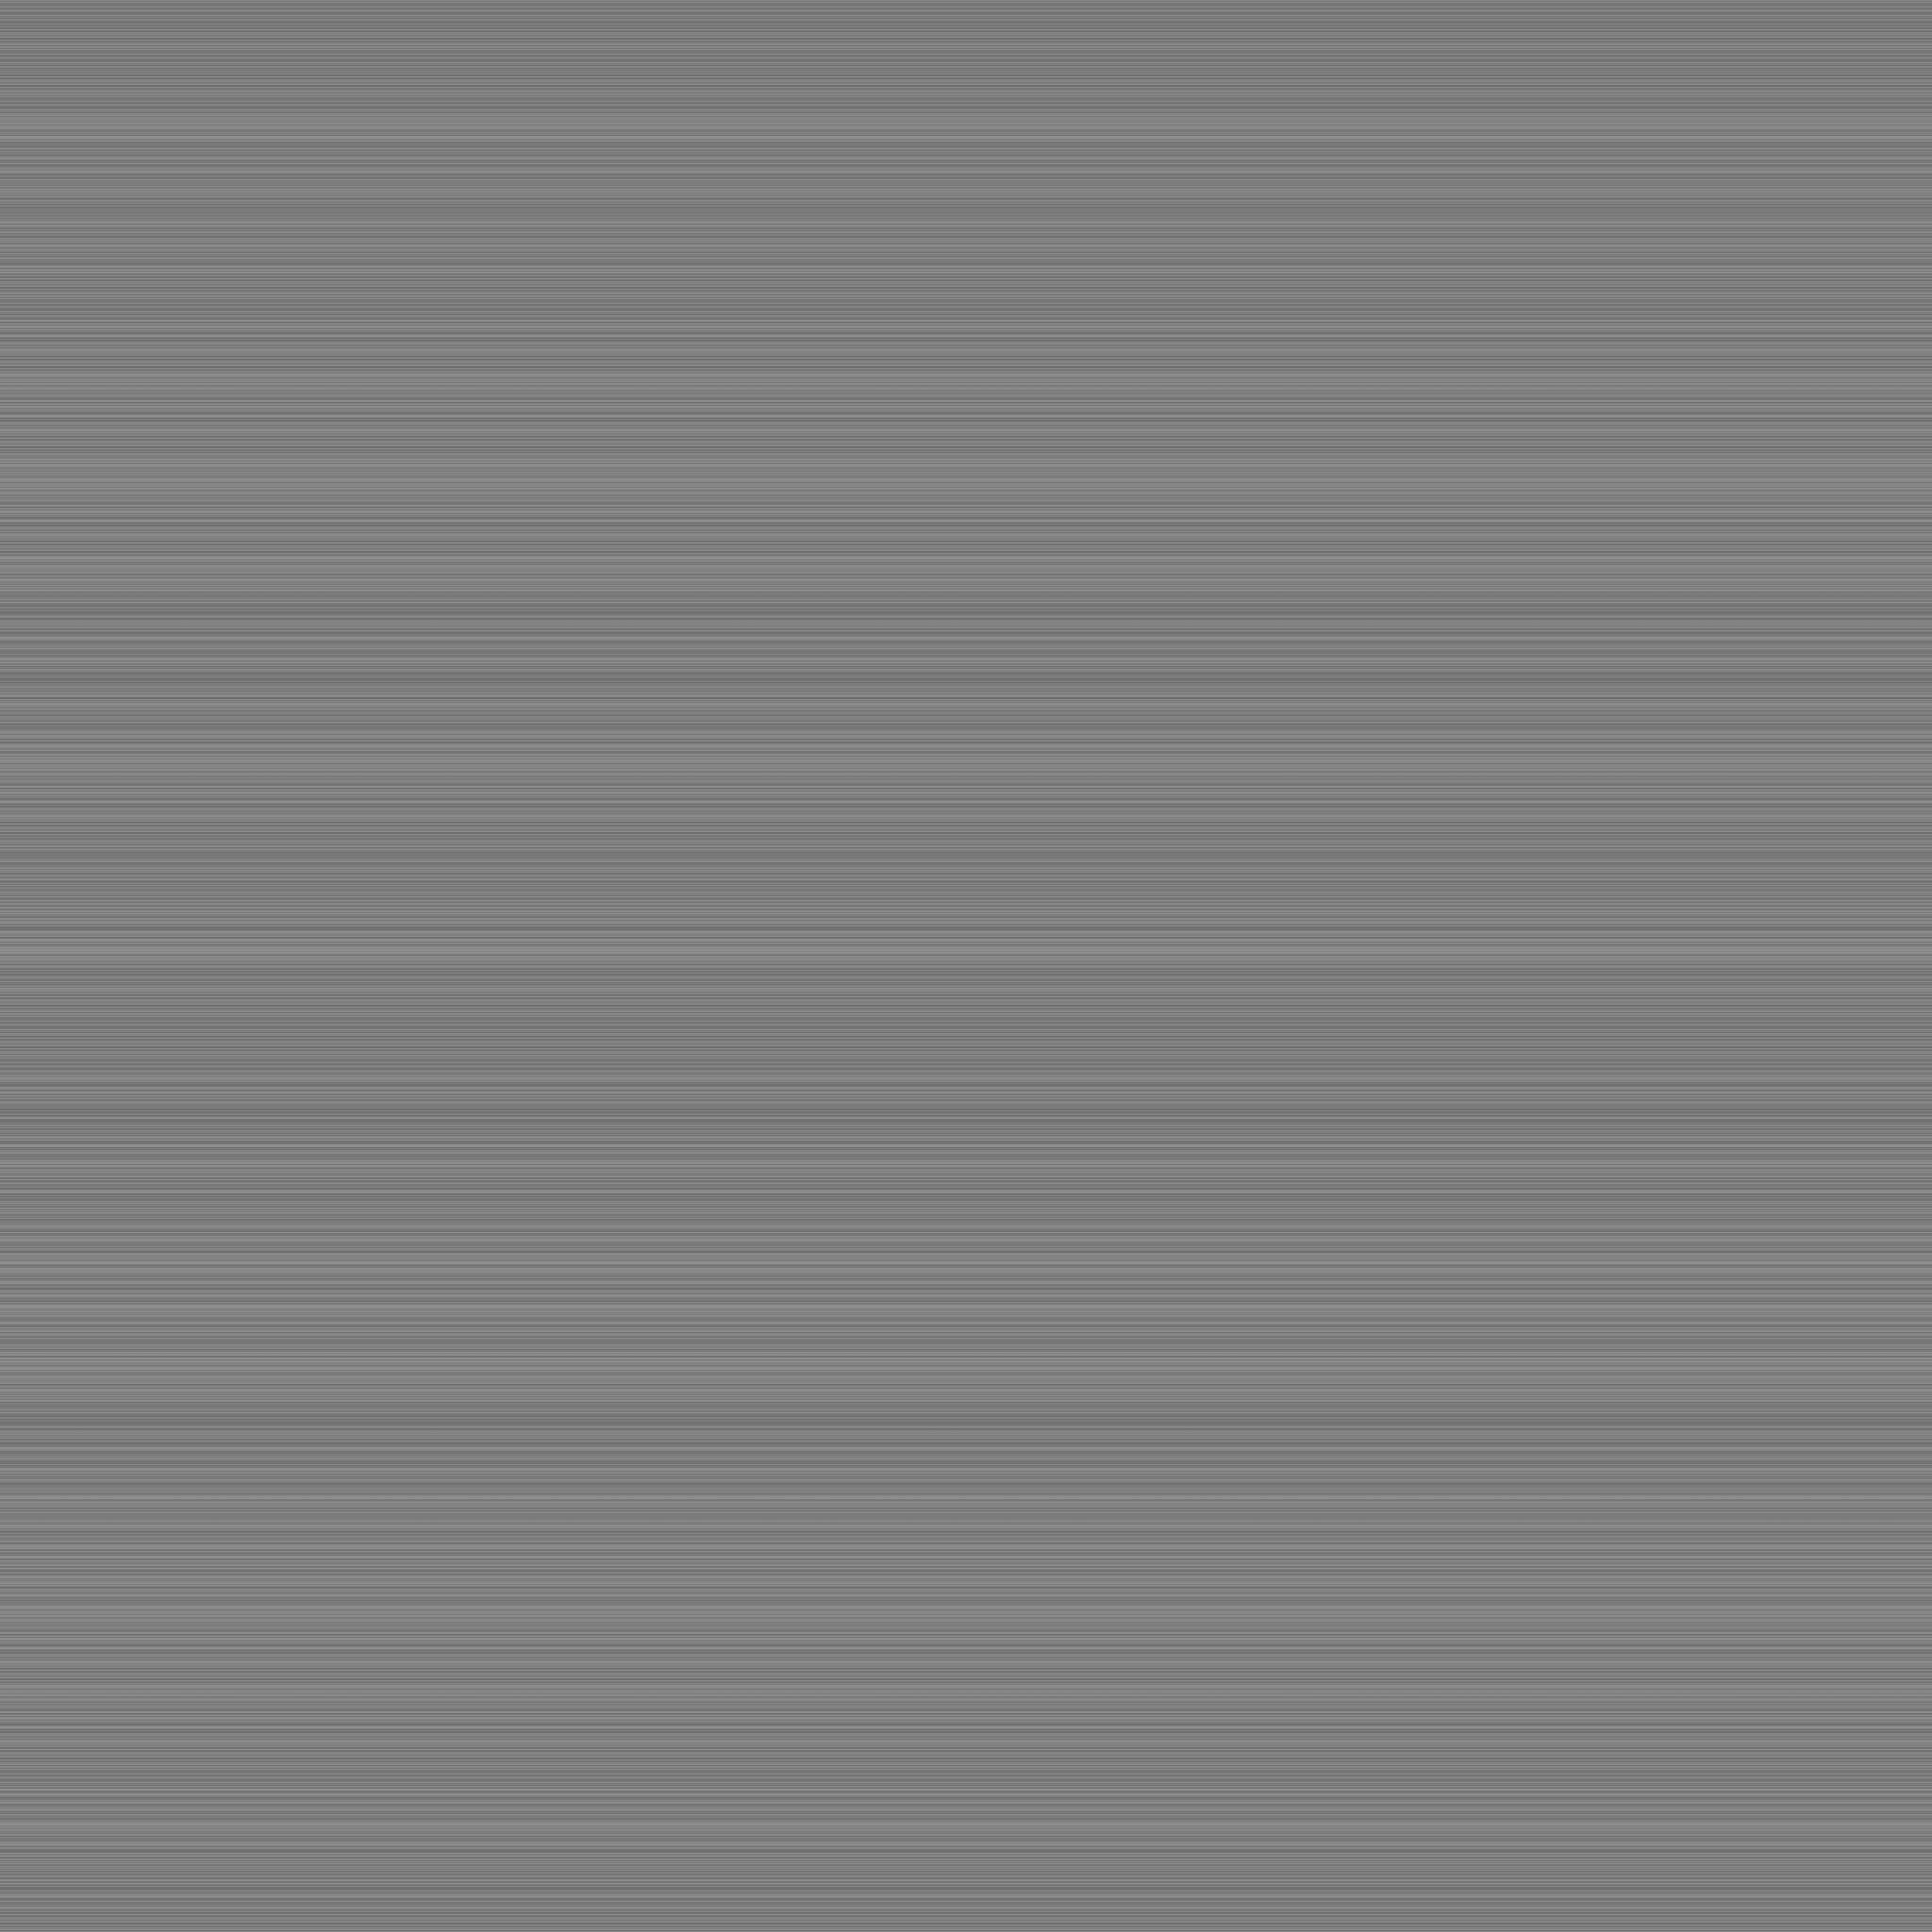 拉丝不锈钢高清贴图【ID:636625230】